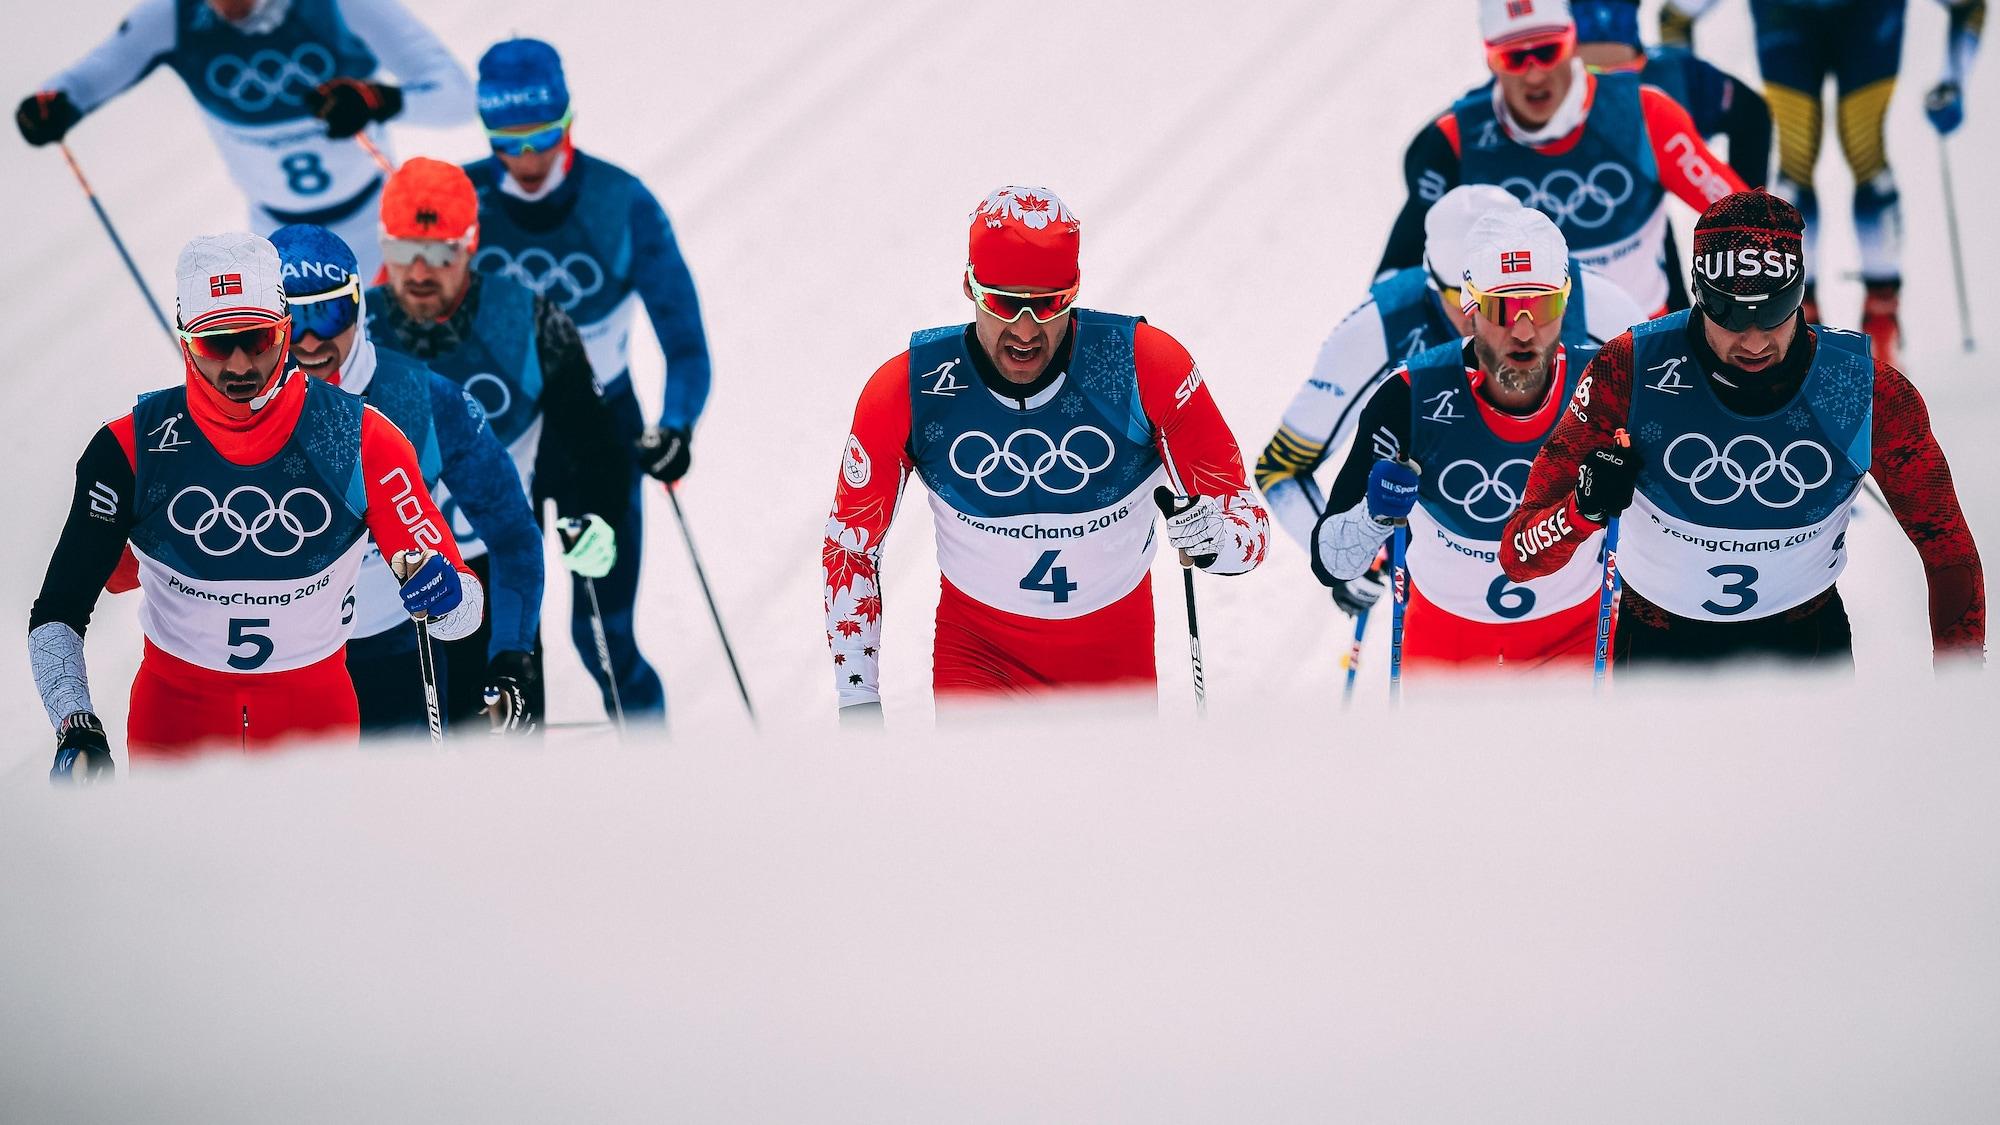 Alex Harvey (no 4) pendant l'épreuve du skiathlon des Jeux olympiques de Pyeongchang